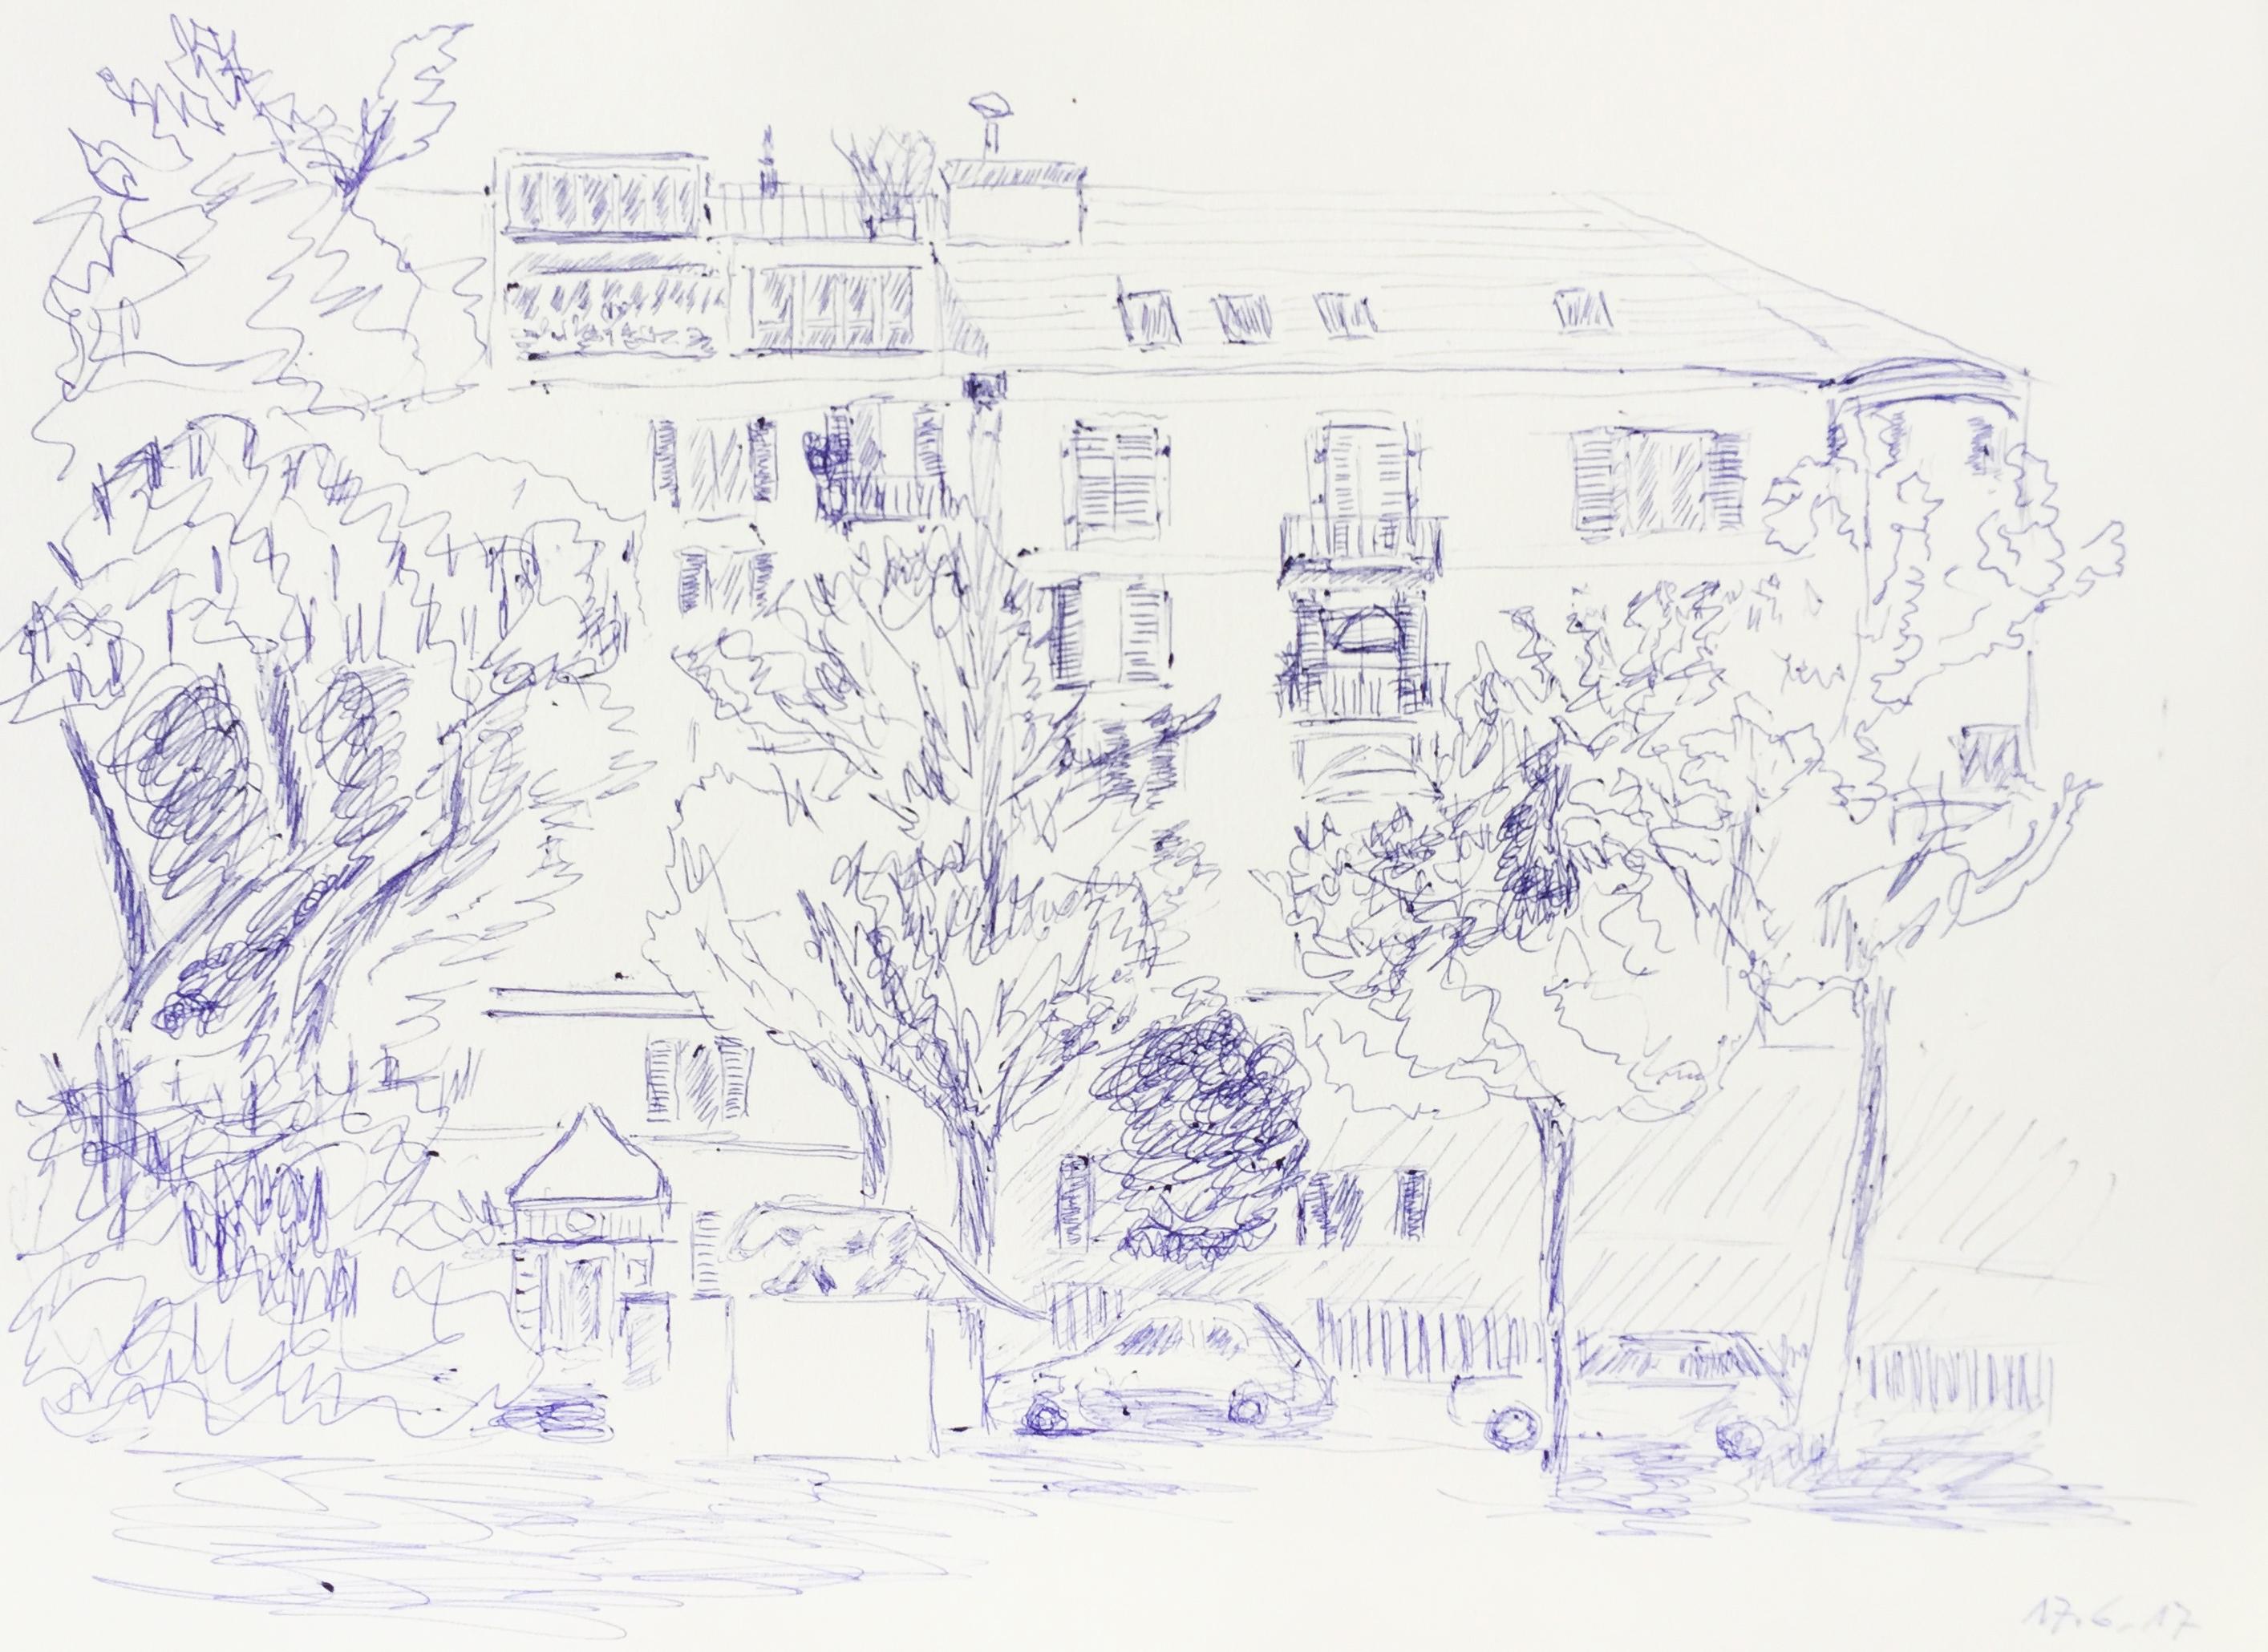 Bahnhof Tiefenbrunnen, Zürich, Neuer Kurs Urban Sketching,2017, Astrid Schmid Zeichnen in Zürich, Astrid Amadeo